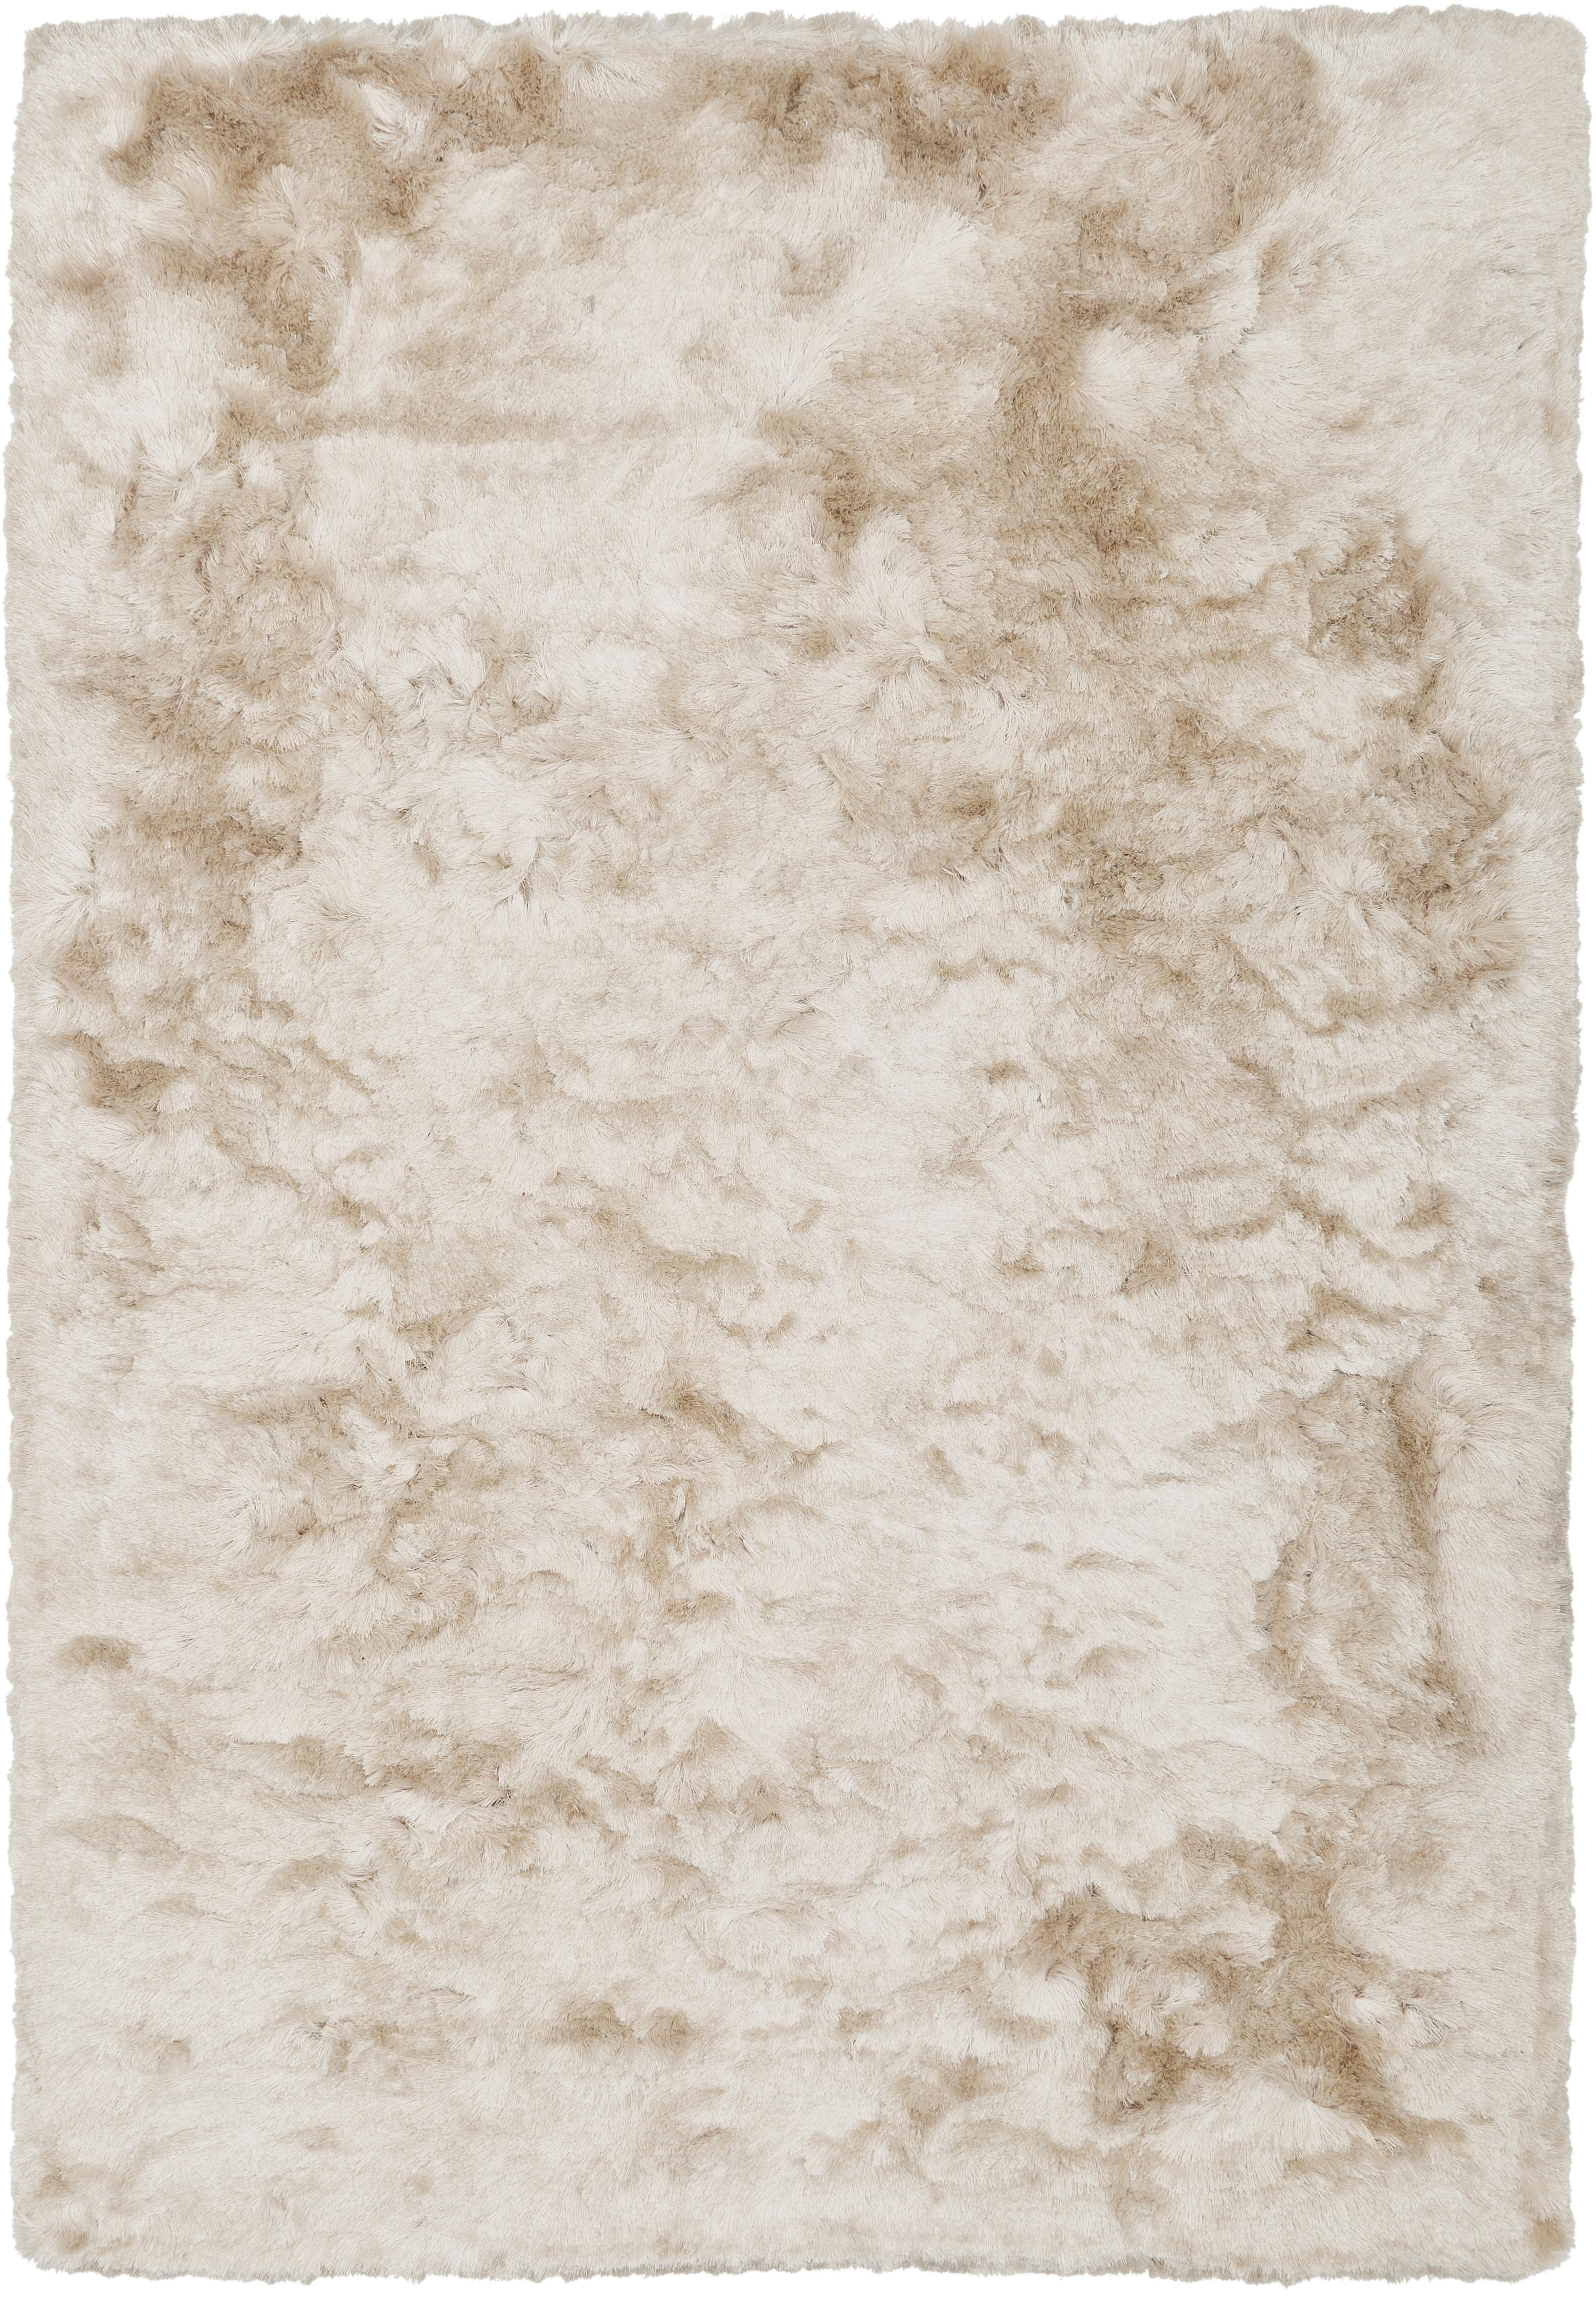 Glänzender Hochflor-Teppich Jimmy in Elfenbein, Flor: 100% Polyester, Elfenbeinfarben, B 120 x L 180 cm (Größe S)